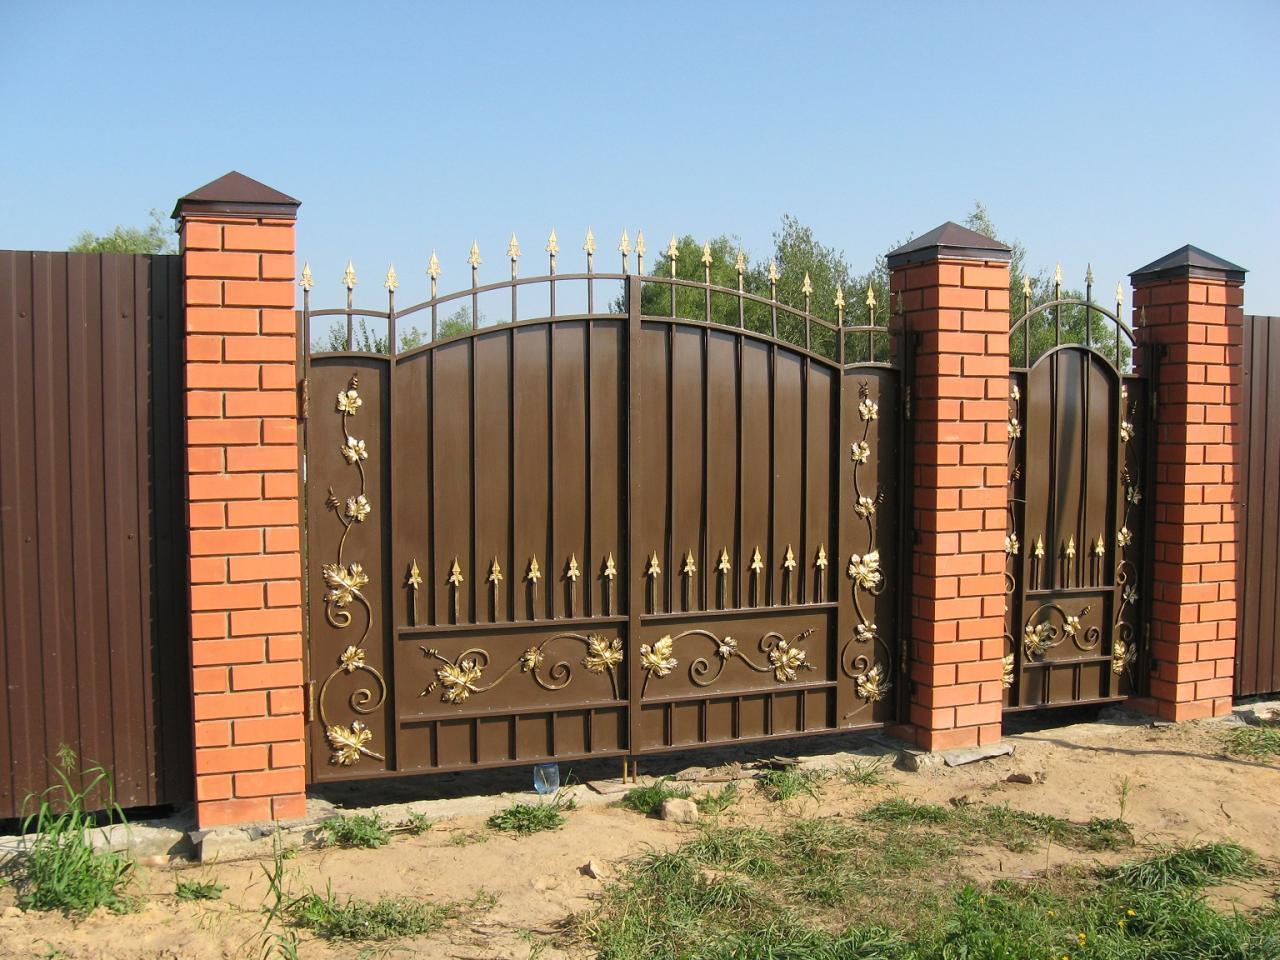 кованые ворота, перила, заборы, ограждения, навесы | фото 1 из 6